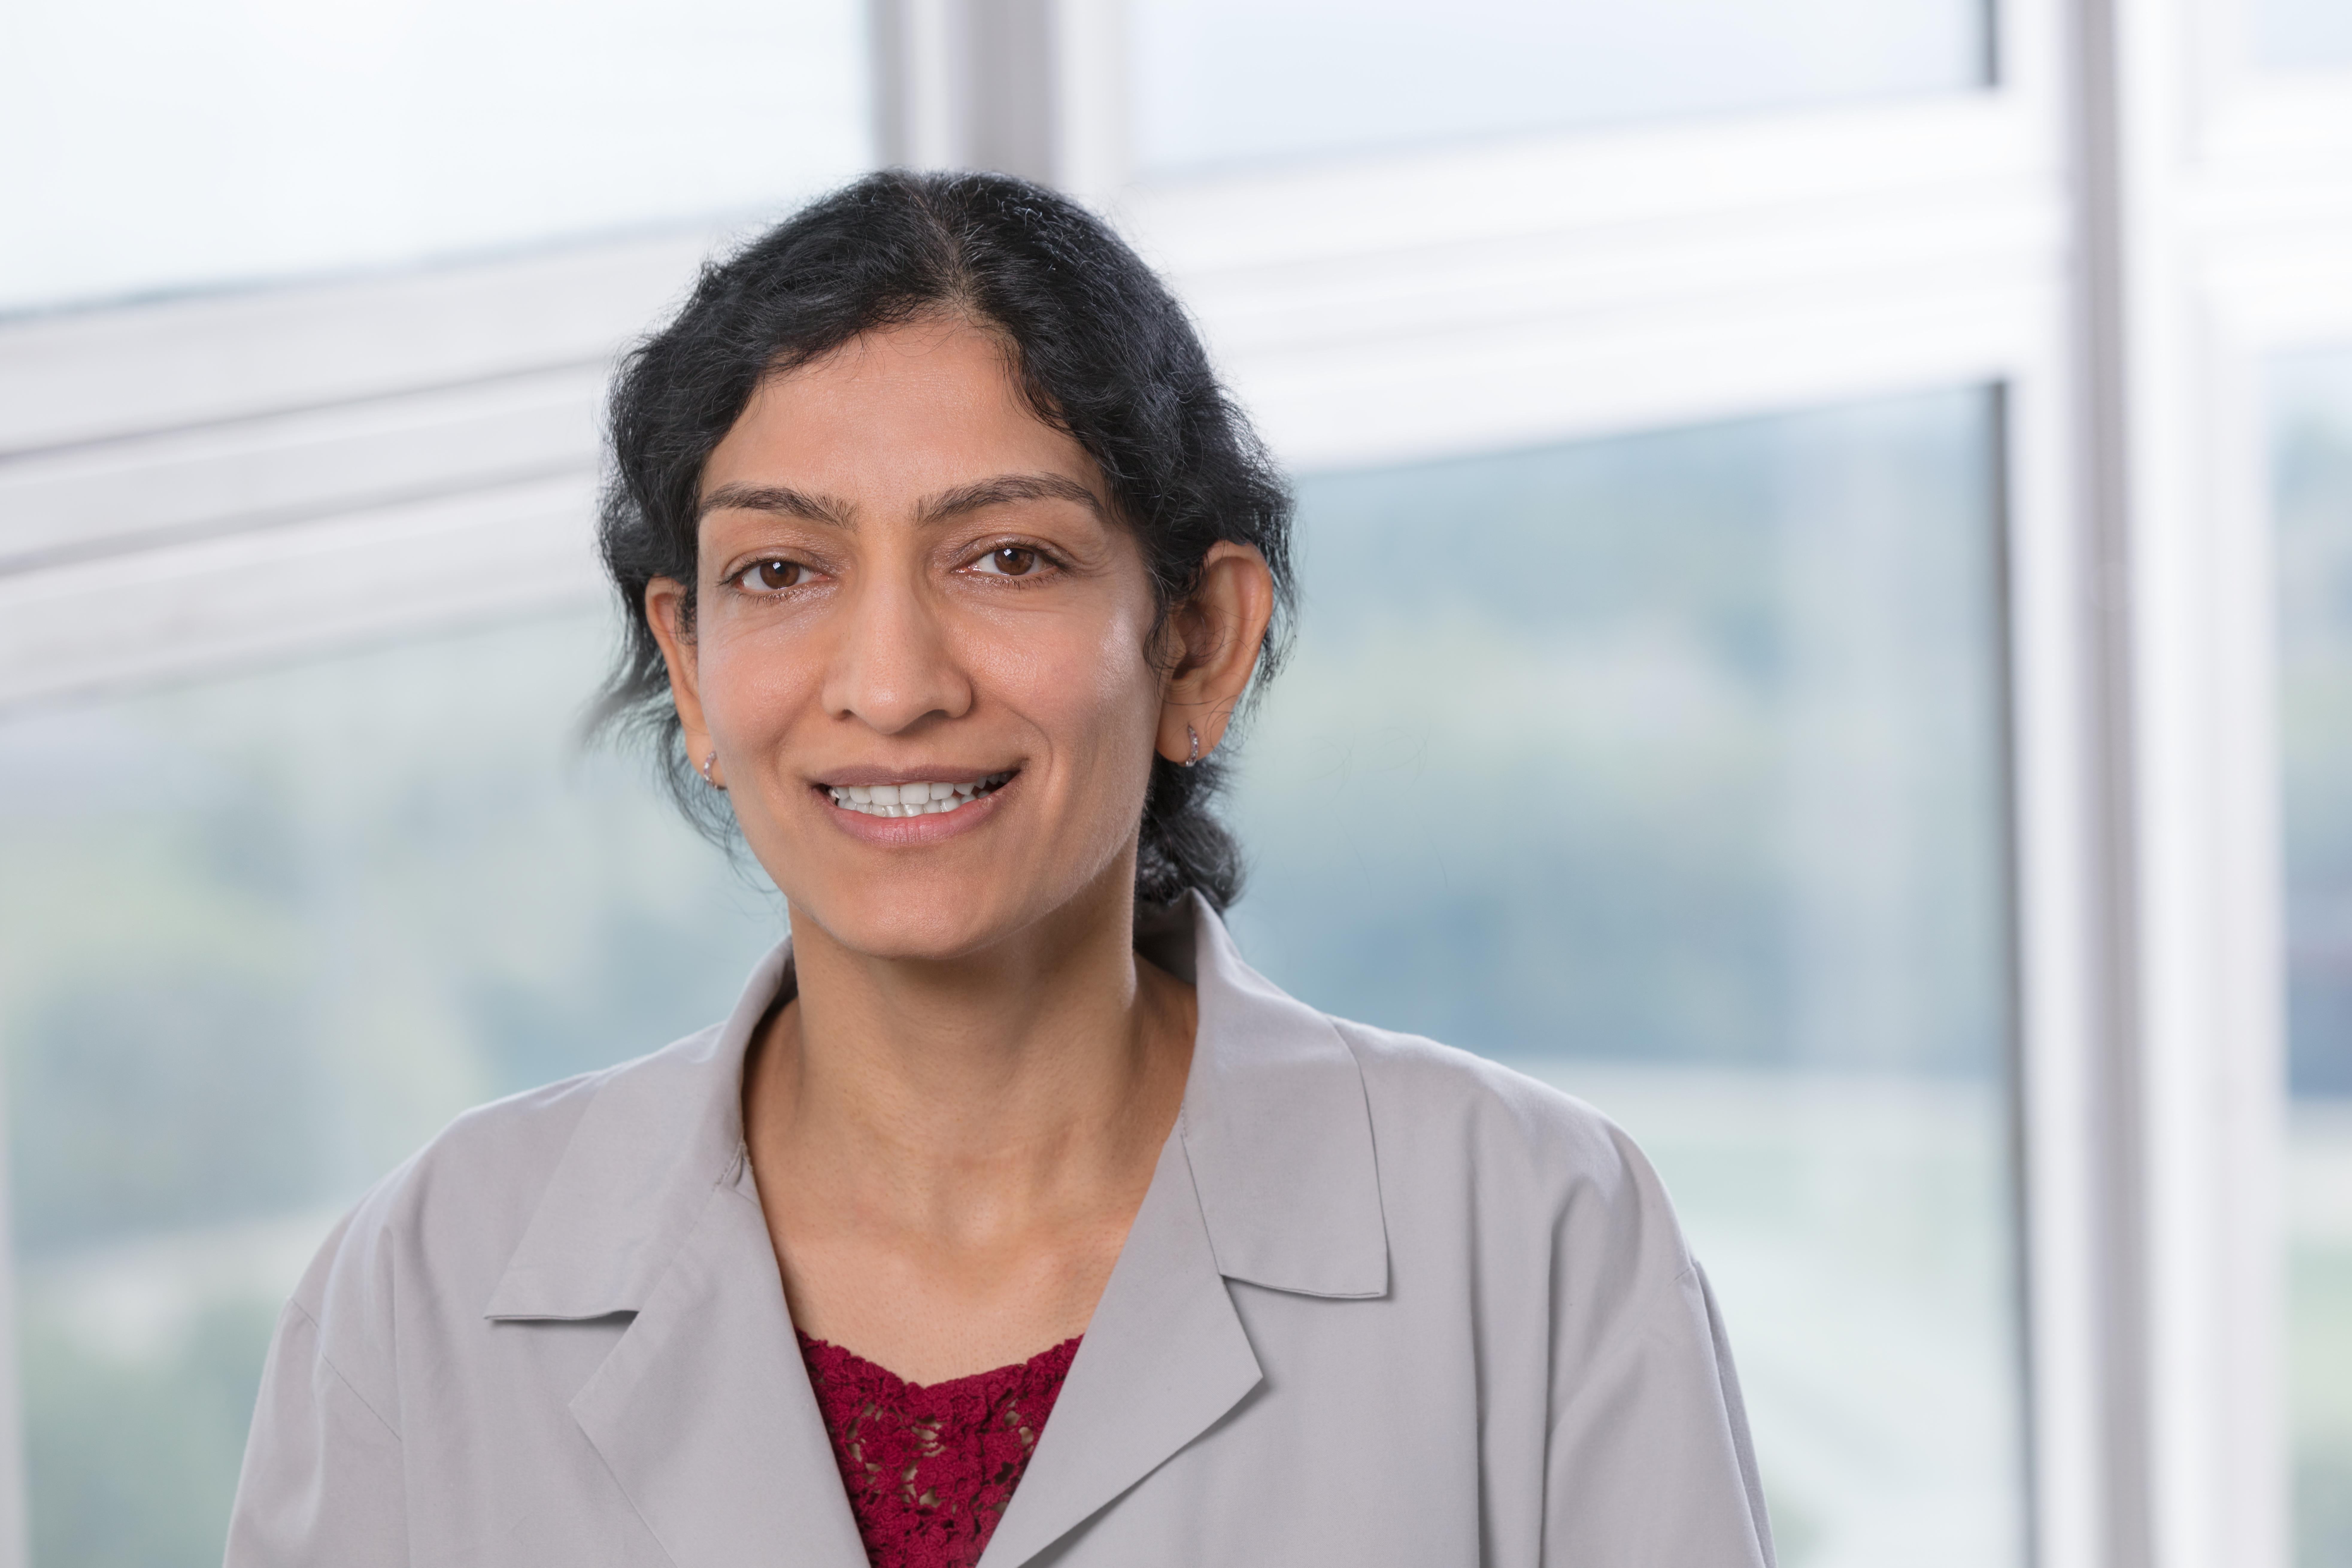 Dr. Sanjolee Mangat MD - Chicago, IL